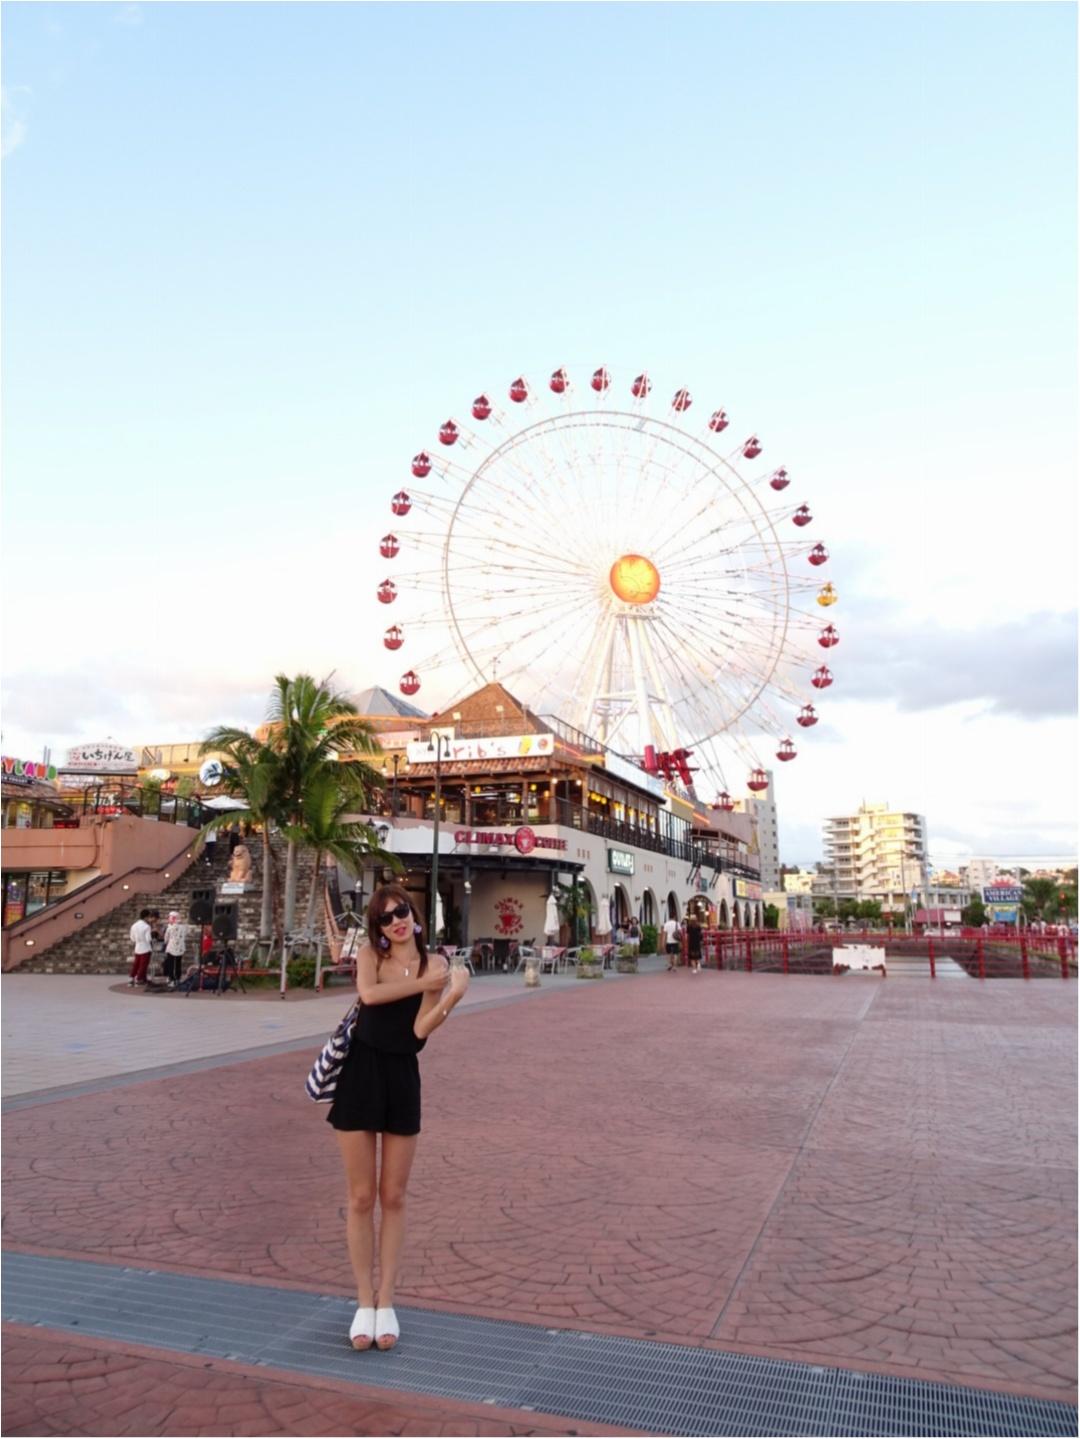 【沖縄女子旅】沖縄旅行本島編!弾丸でも、フォトジェニックな巡り旅はこれでOK♥_9